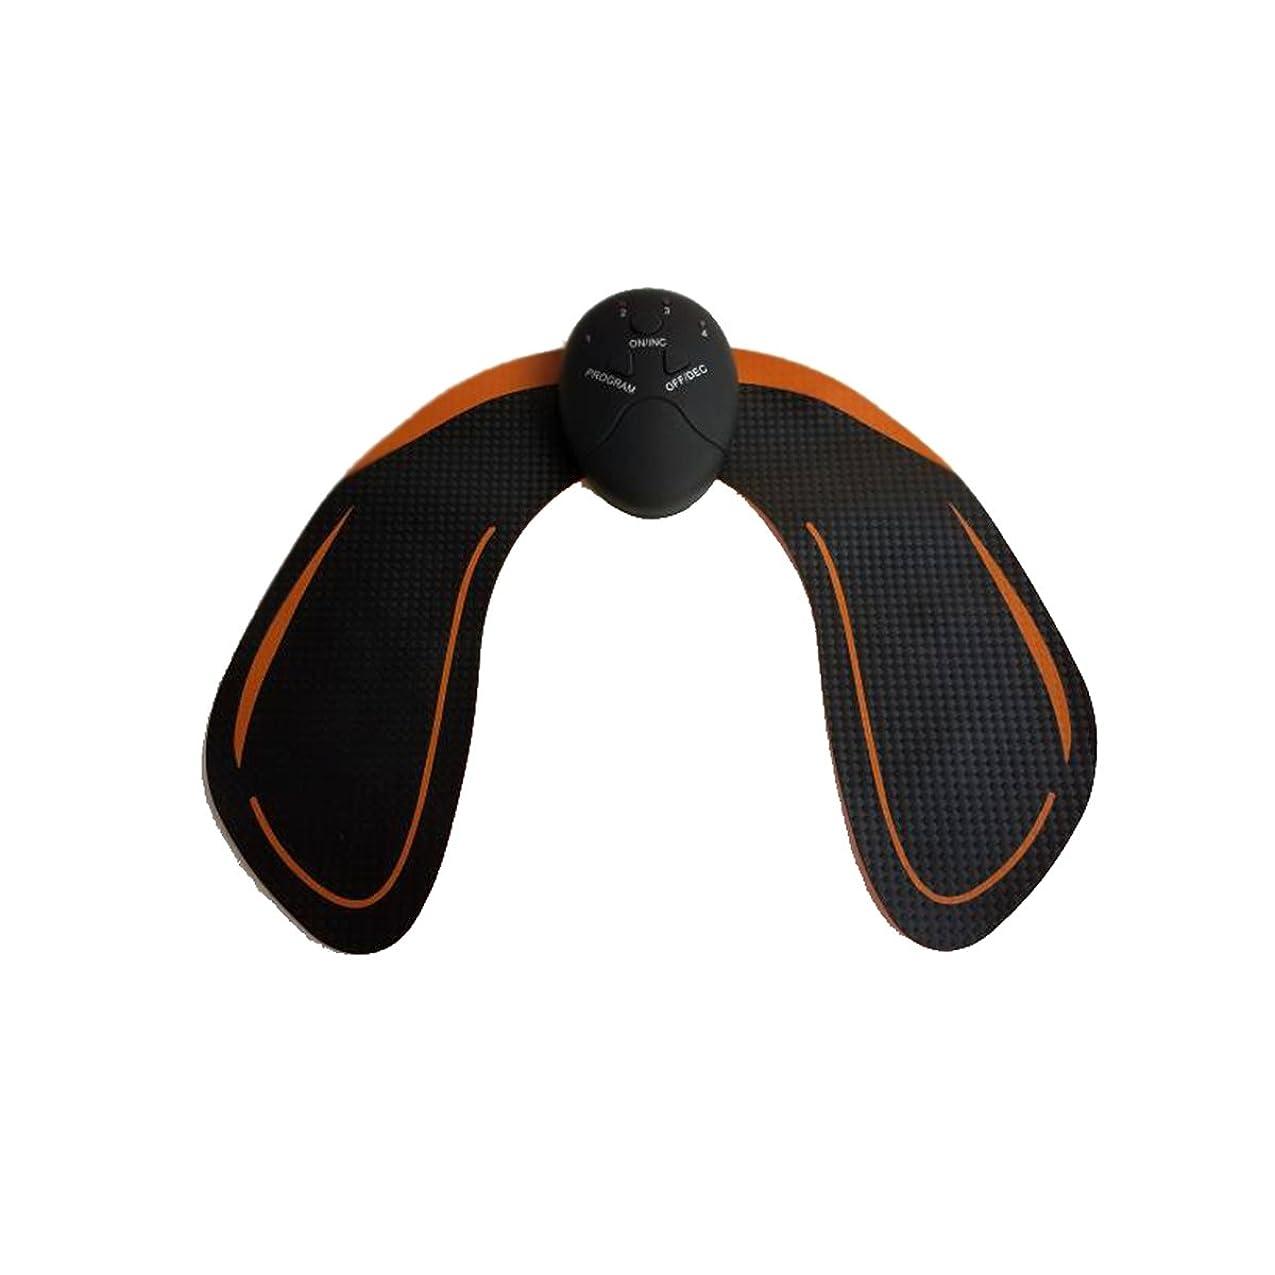 克服する火山学送信するHealifty EMS トレーニングパッド ヒップアップ お尻専用 多機能 筋トレ器具 ダイエット 筋肉振動 引き締める 強さ階段調節 電池式 男女兼用(黒)